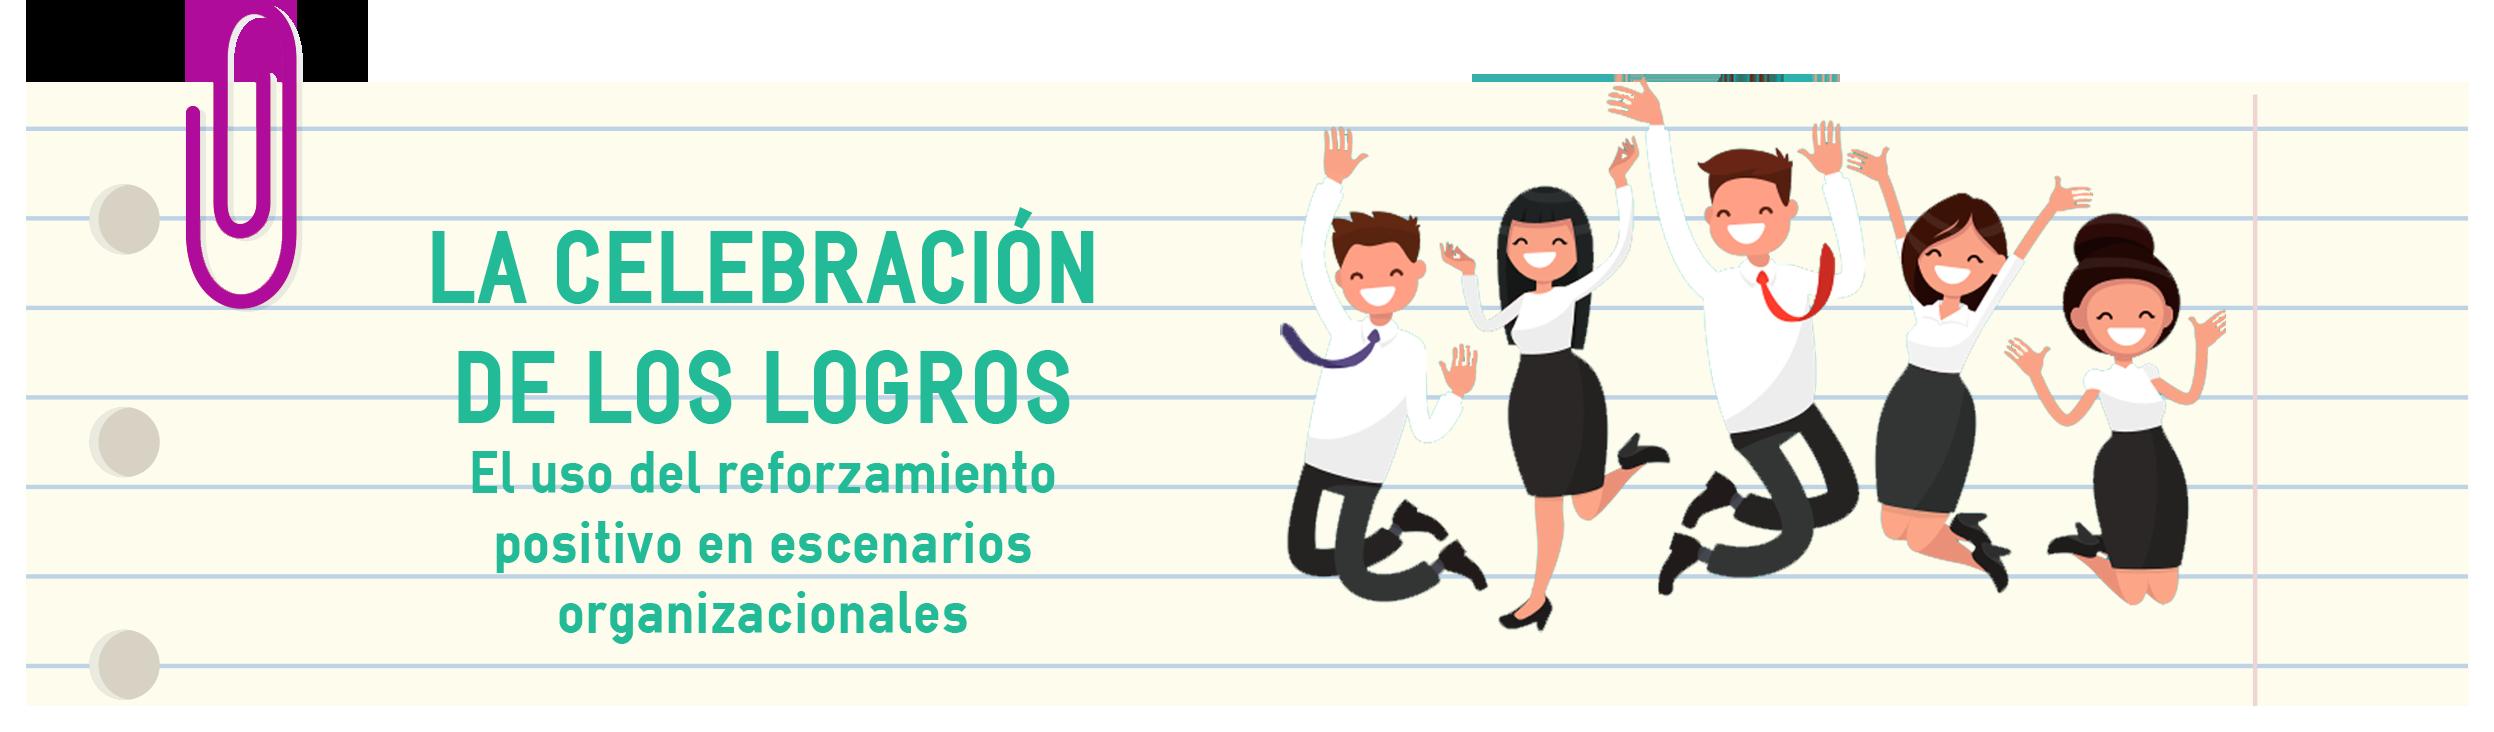 celebrar_logros_el_reforzamiento_positivo_en_la_empresa.png